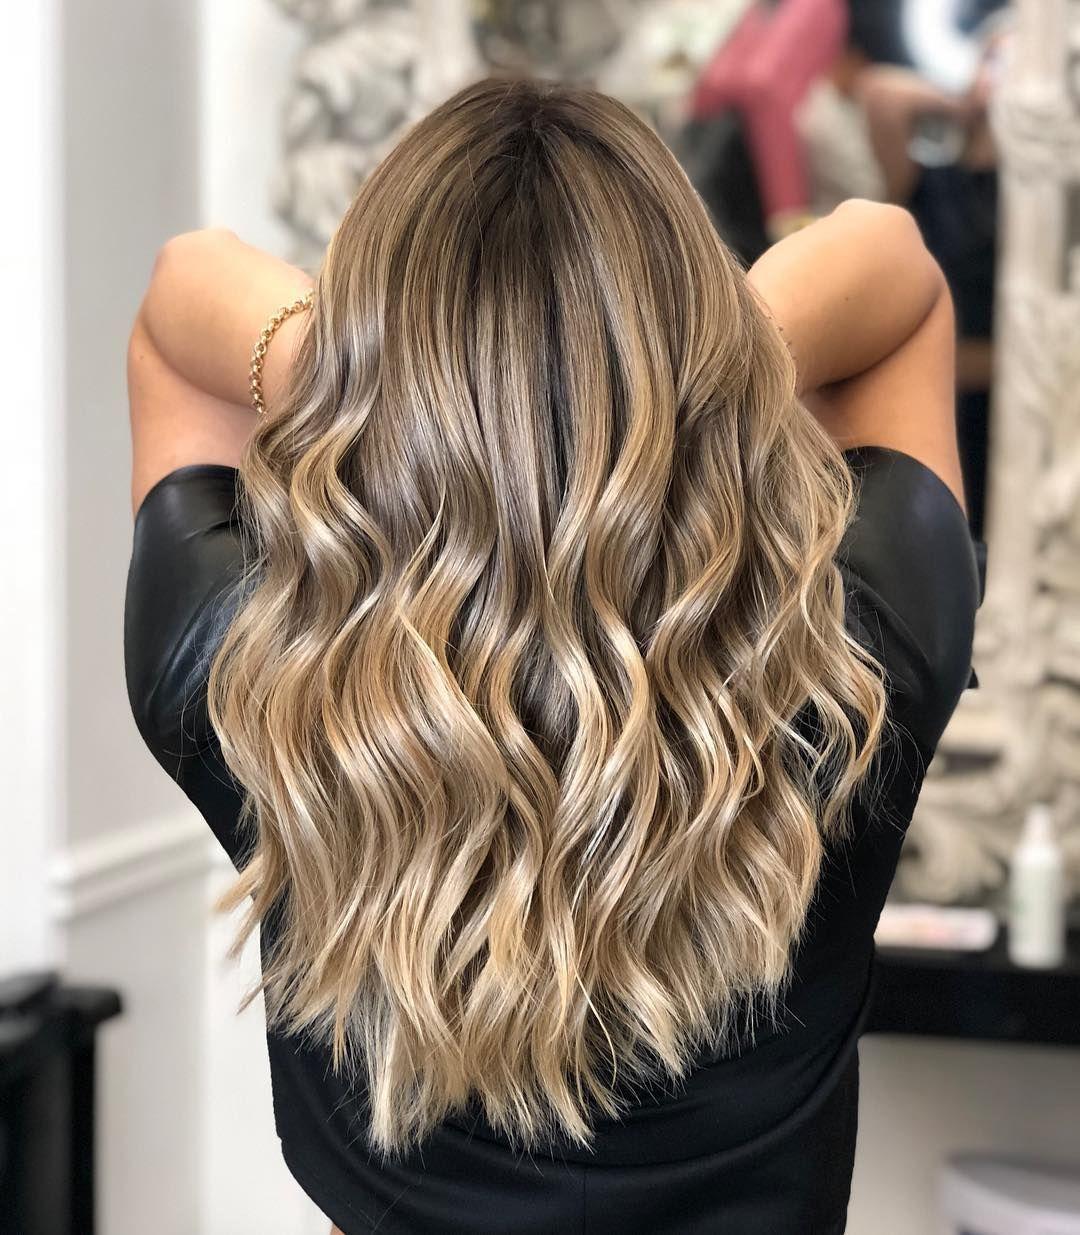 окрашивание волос картинки от светлого к темному